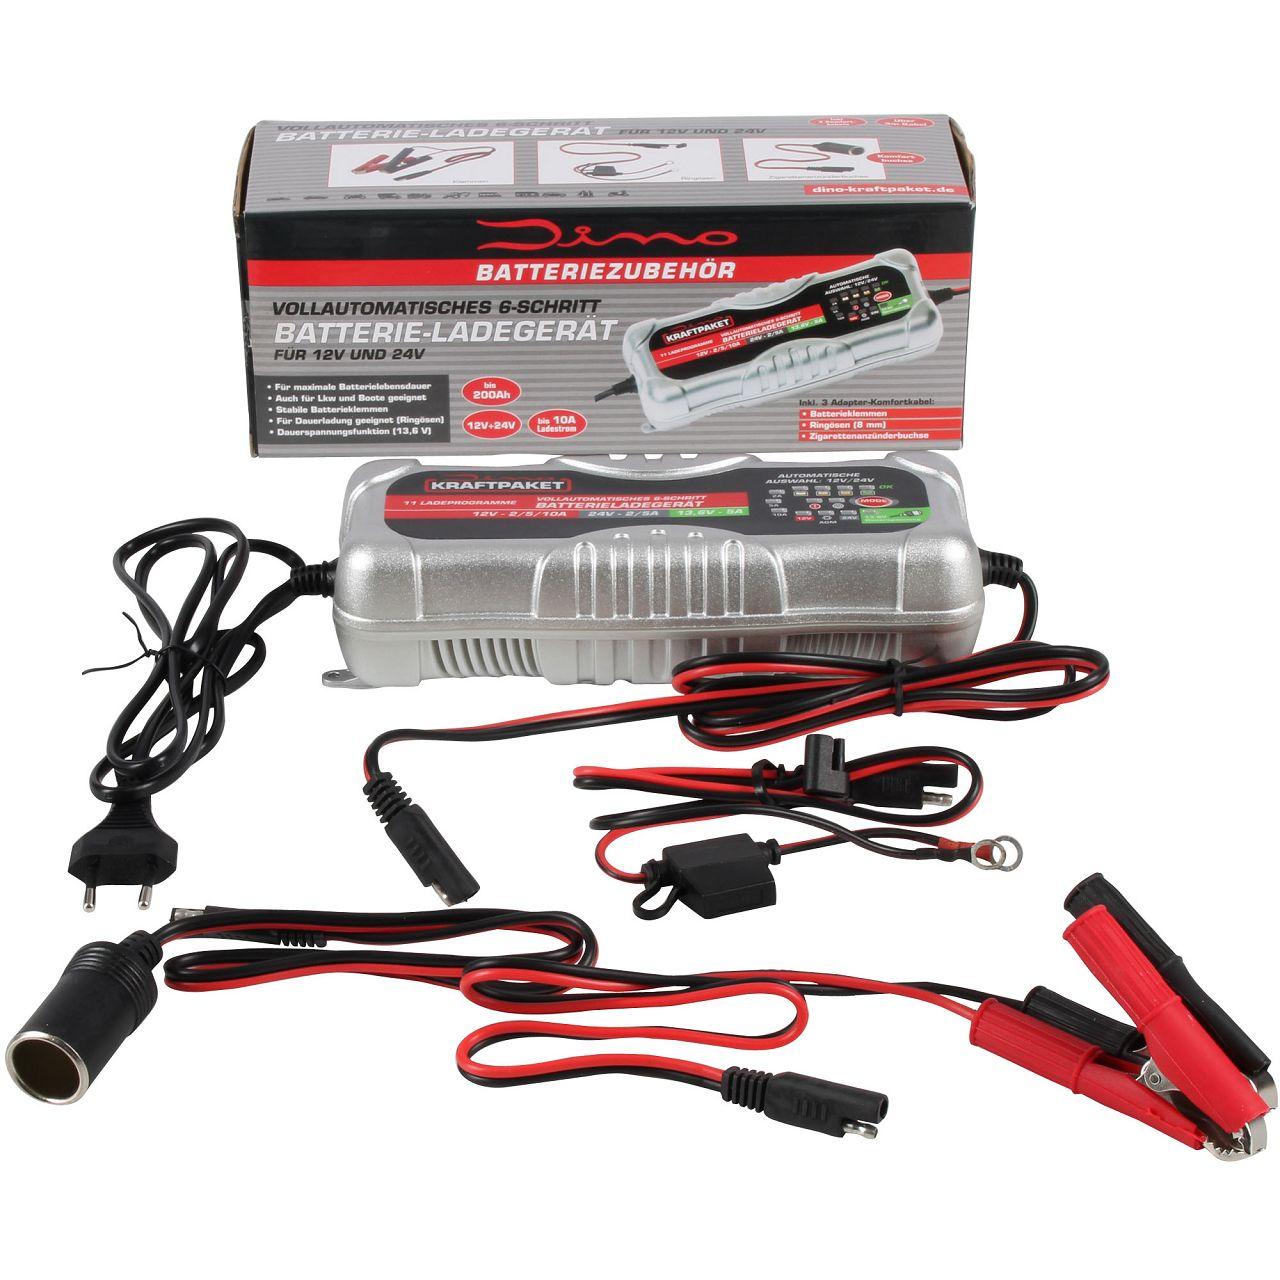 Dino KRAFTPAKET 136302 Batterieladegerät Ladegerät 12V 24V 10A KFZ Auto Motorrad